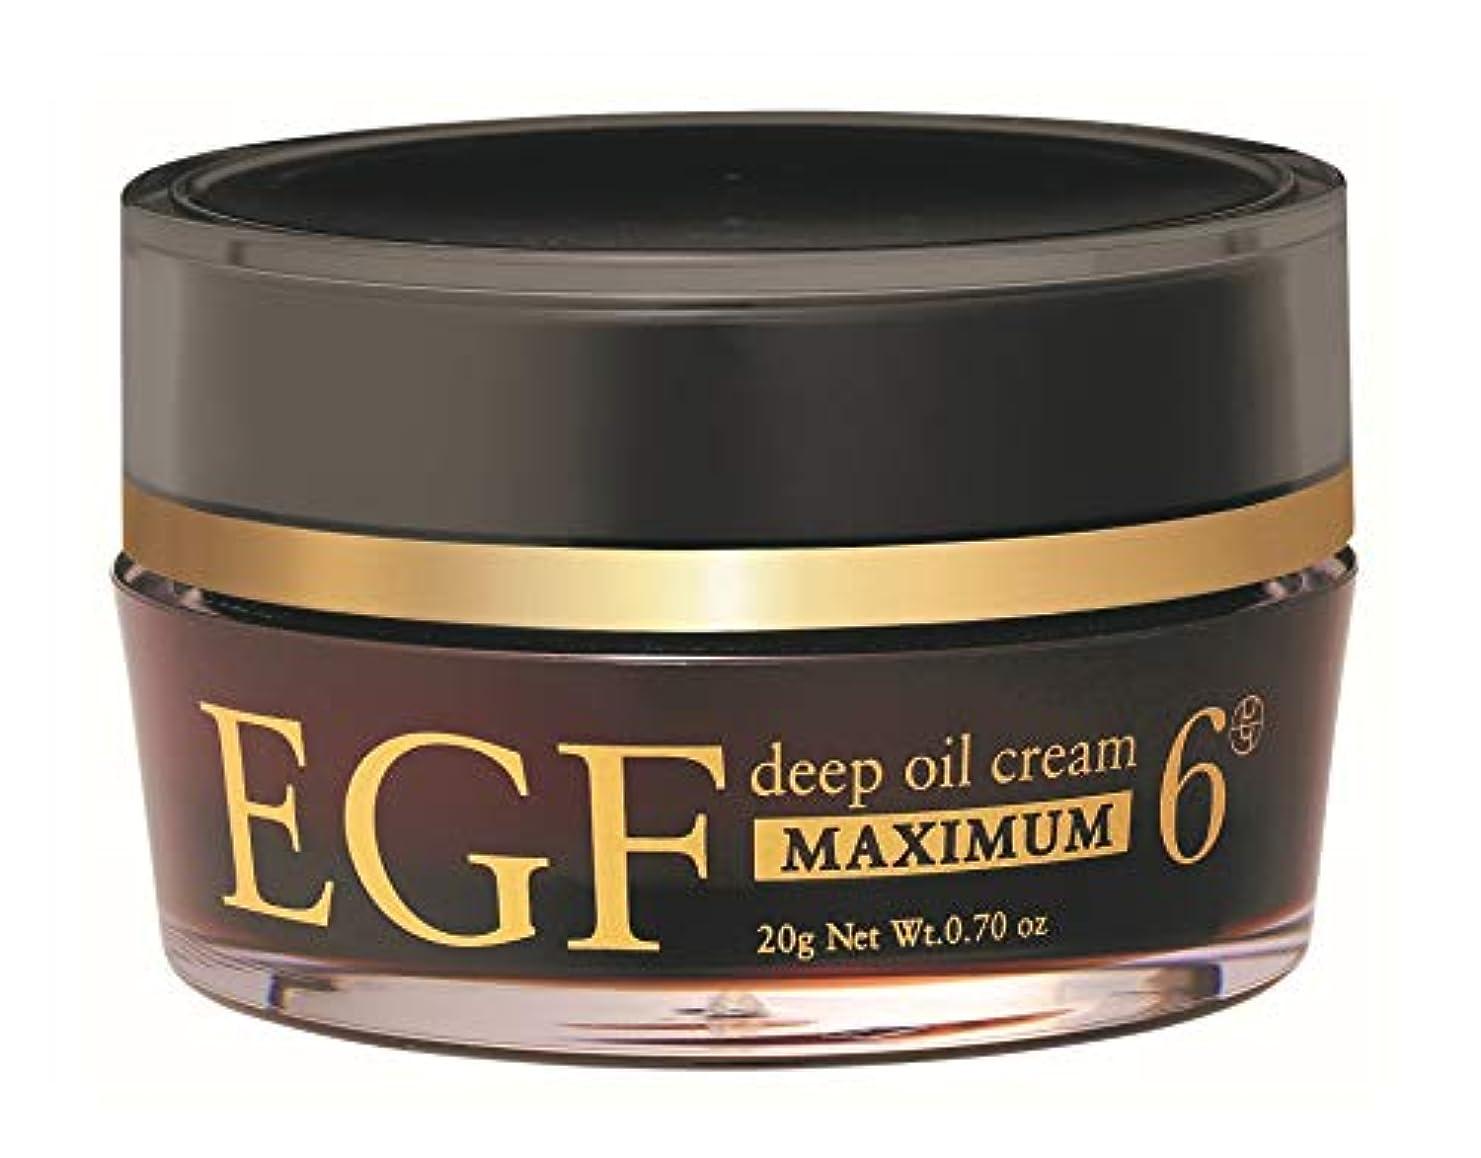 起きている見ました天気EGF ディープオイルクリーム マキシマム [ 20g / 濃度6μグラム ] エイジングケア 浸透型オイルクリーム (高濃度EGFクリーム) 日本製